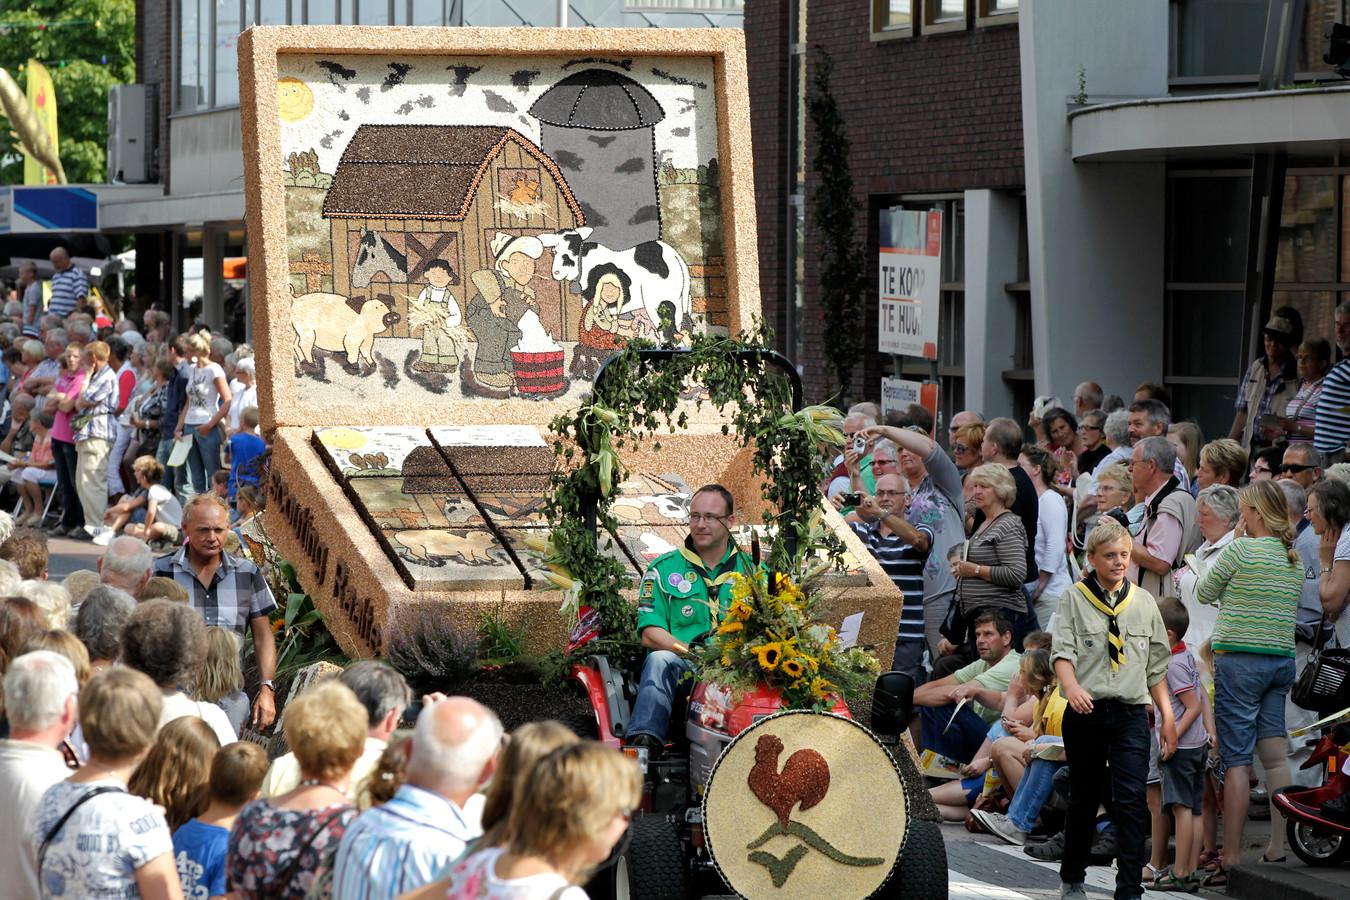 Het oogstcorso, een van de hoogtepunten van het Sallandse oogstfeest Stöppelhaene in Raalte, trekt altijd dikke rijen publiek (archieffoto). Dit onderdeel van de Stöppelhaene gaat in 2021 definitief niet door.